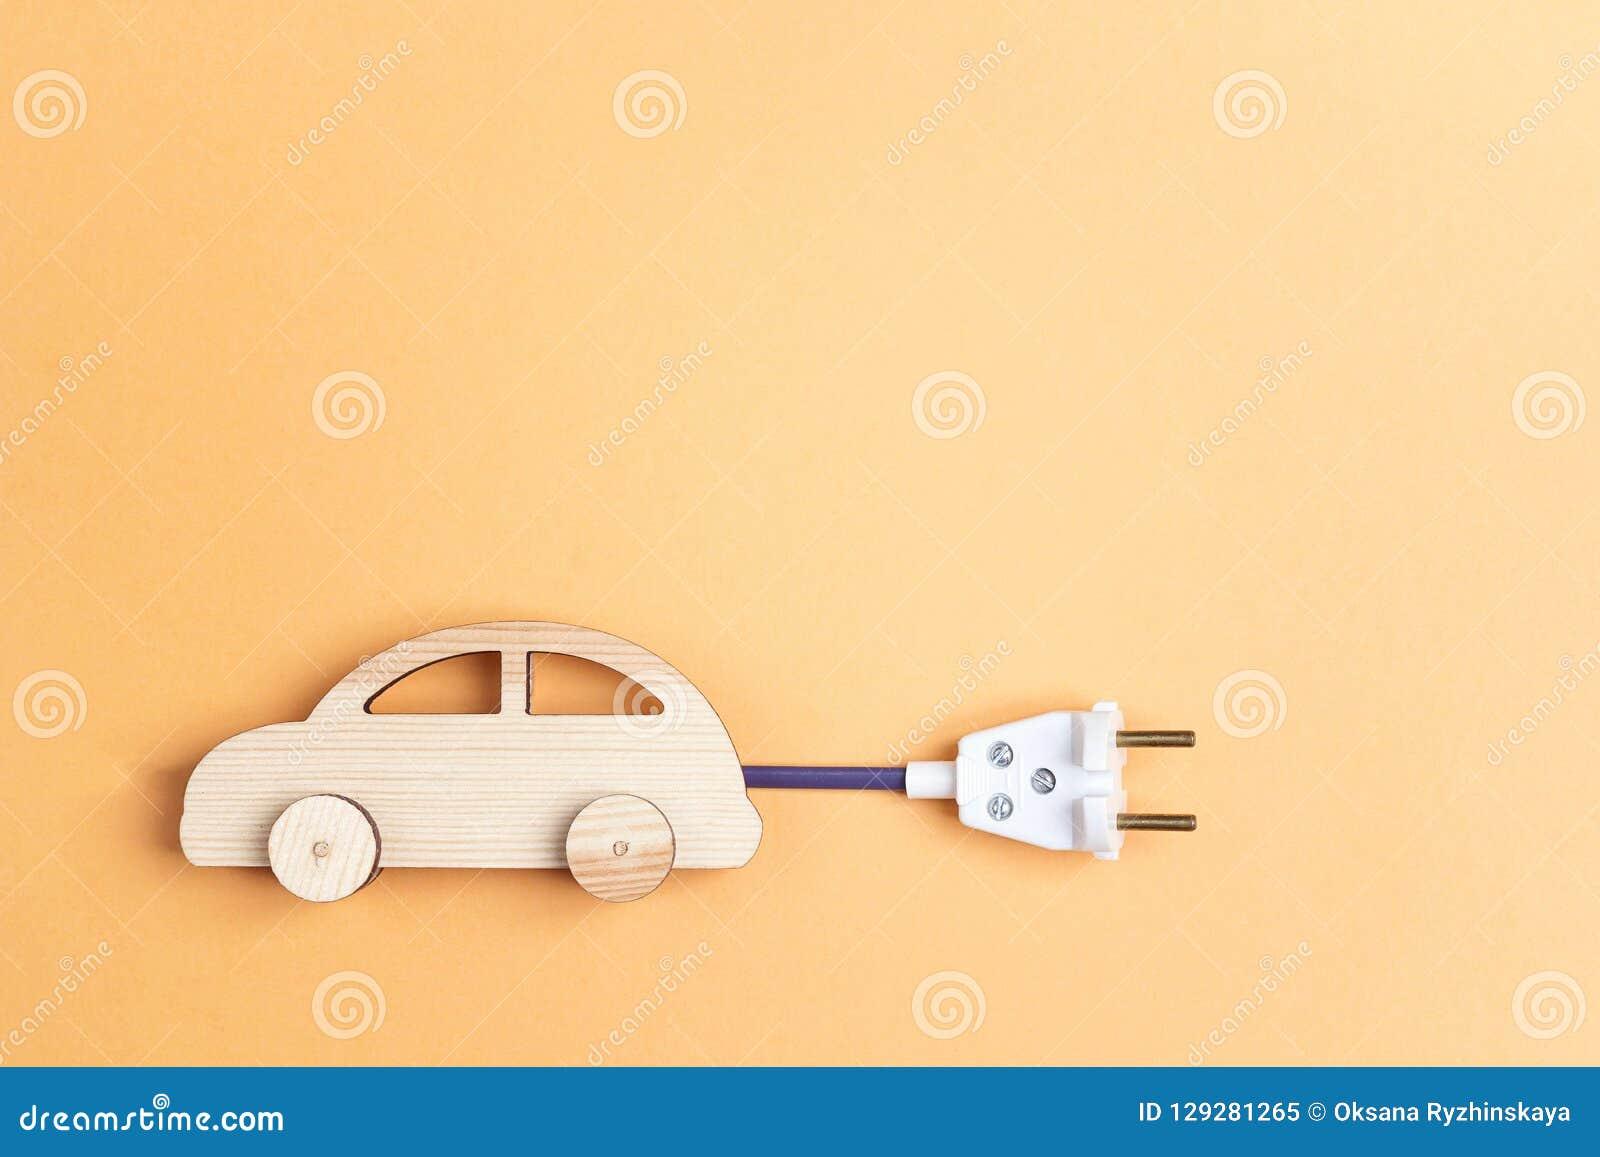 En Bois Avec Câble Prise Sym Voiture De La Comme Électrique Jouet N80vOmwn